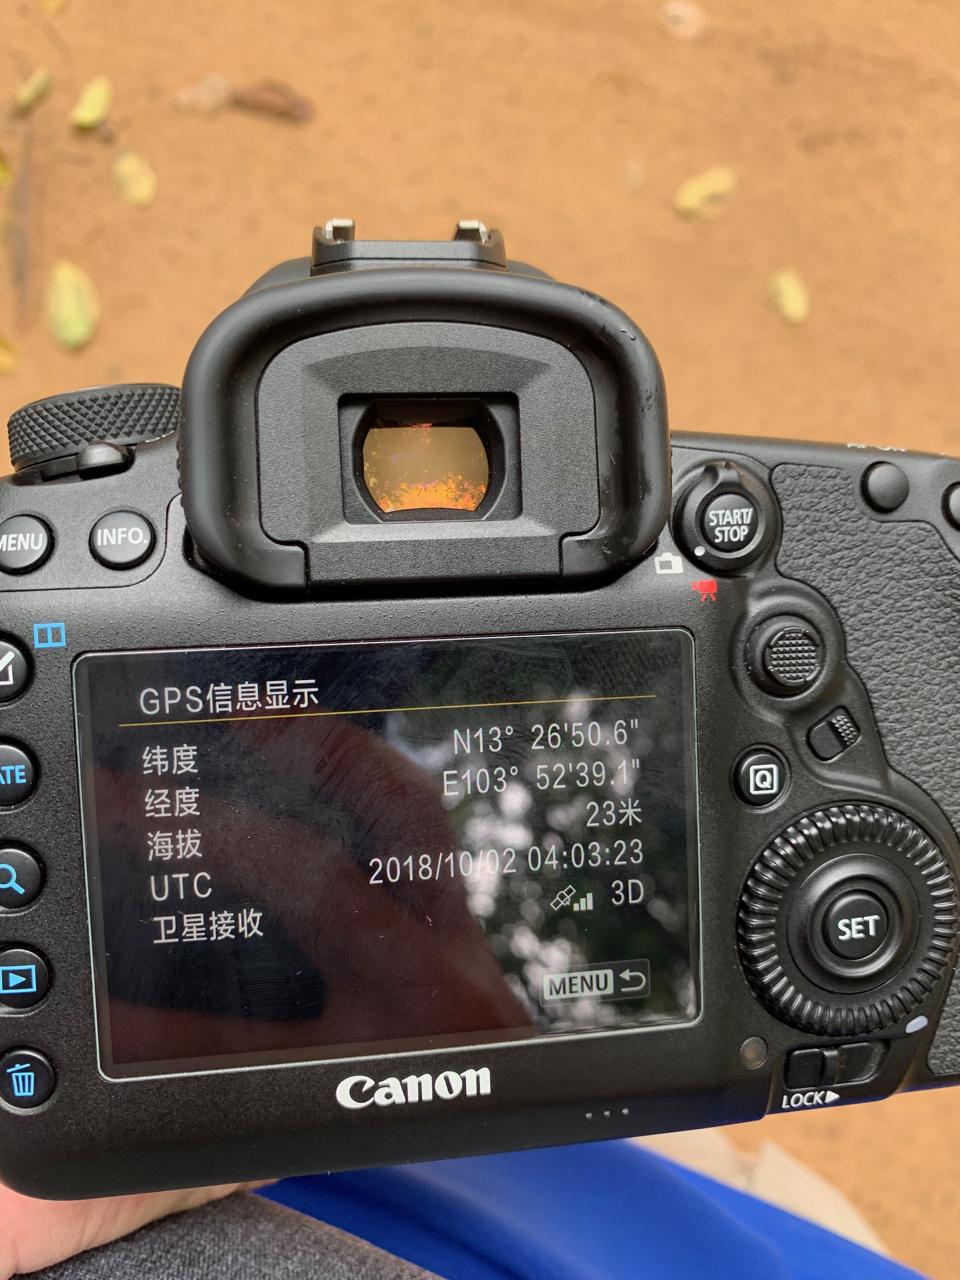 Canon EOS 5D Mark IV GPS信息